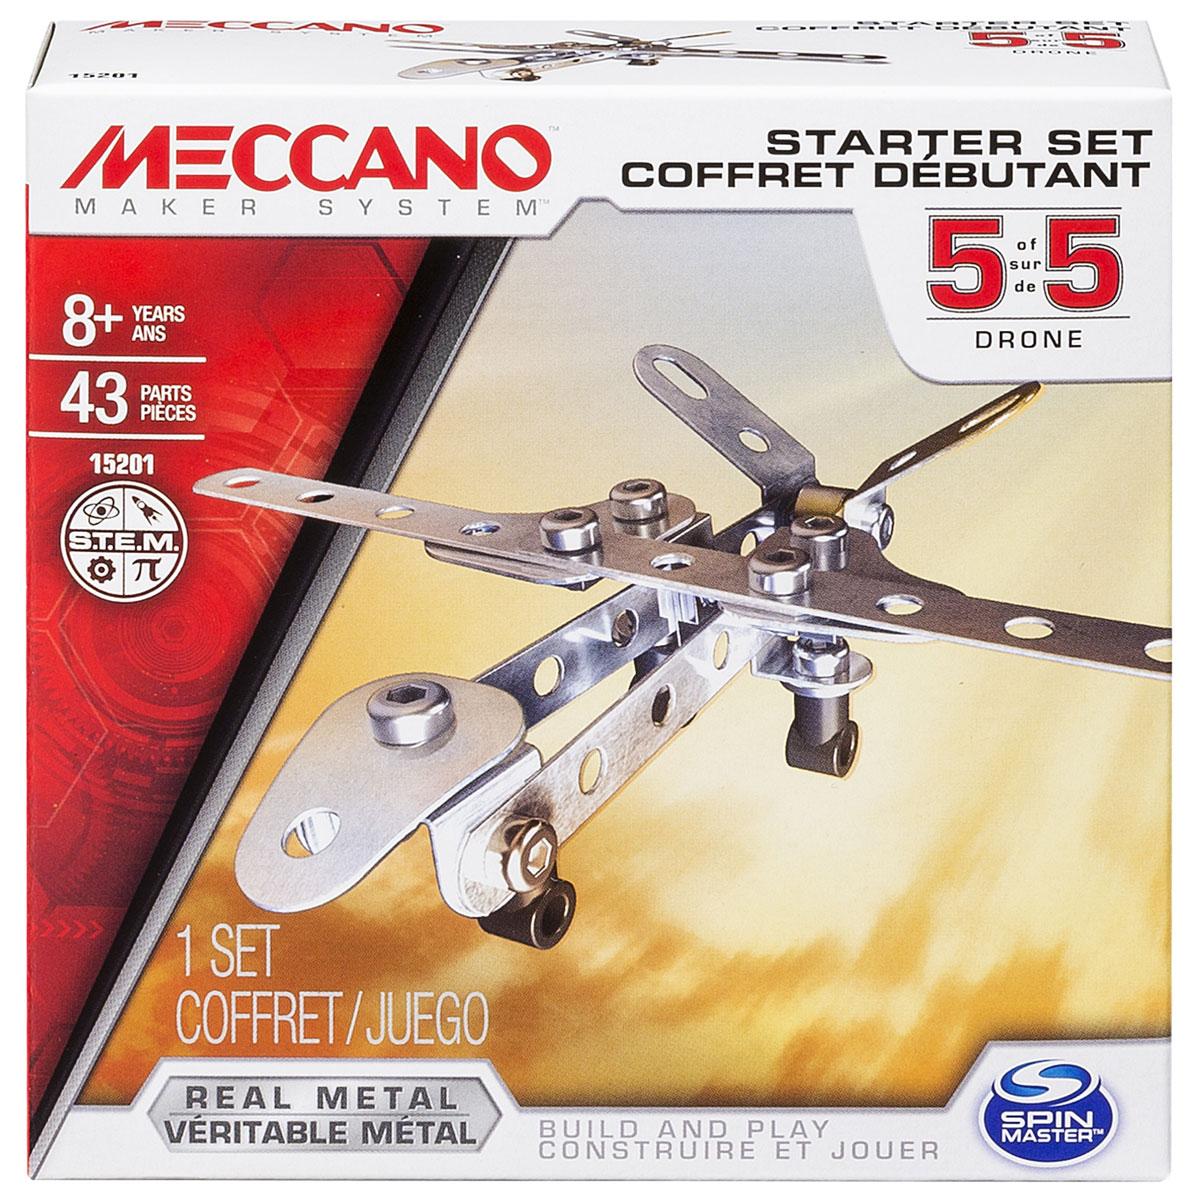 Meccano Конструктор Базовая модель 591783_20070930Конструктор Meccano Базовая модель 5 позволит вашему ребенку весело и с пользой провести время. Базовые наборы созданы для ознакомления с принципами сборки конструкторов Meccano. Набор включает в себя 43 элемента из металла и пластика, с помощью которых можно собрать модель в виде дрона. В набор также входят все необходимые для сборки инструменты и схематичная инструкция. Конструктор Meccano Базовая модель 5 поможет ребенку развить мелкую моторику рук, координацию движений и усидчивость.